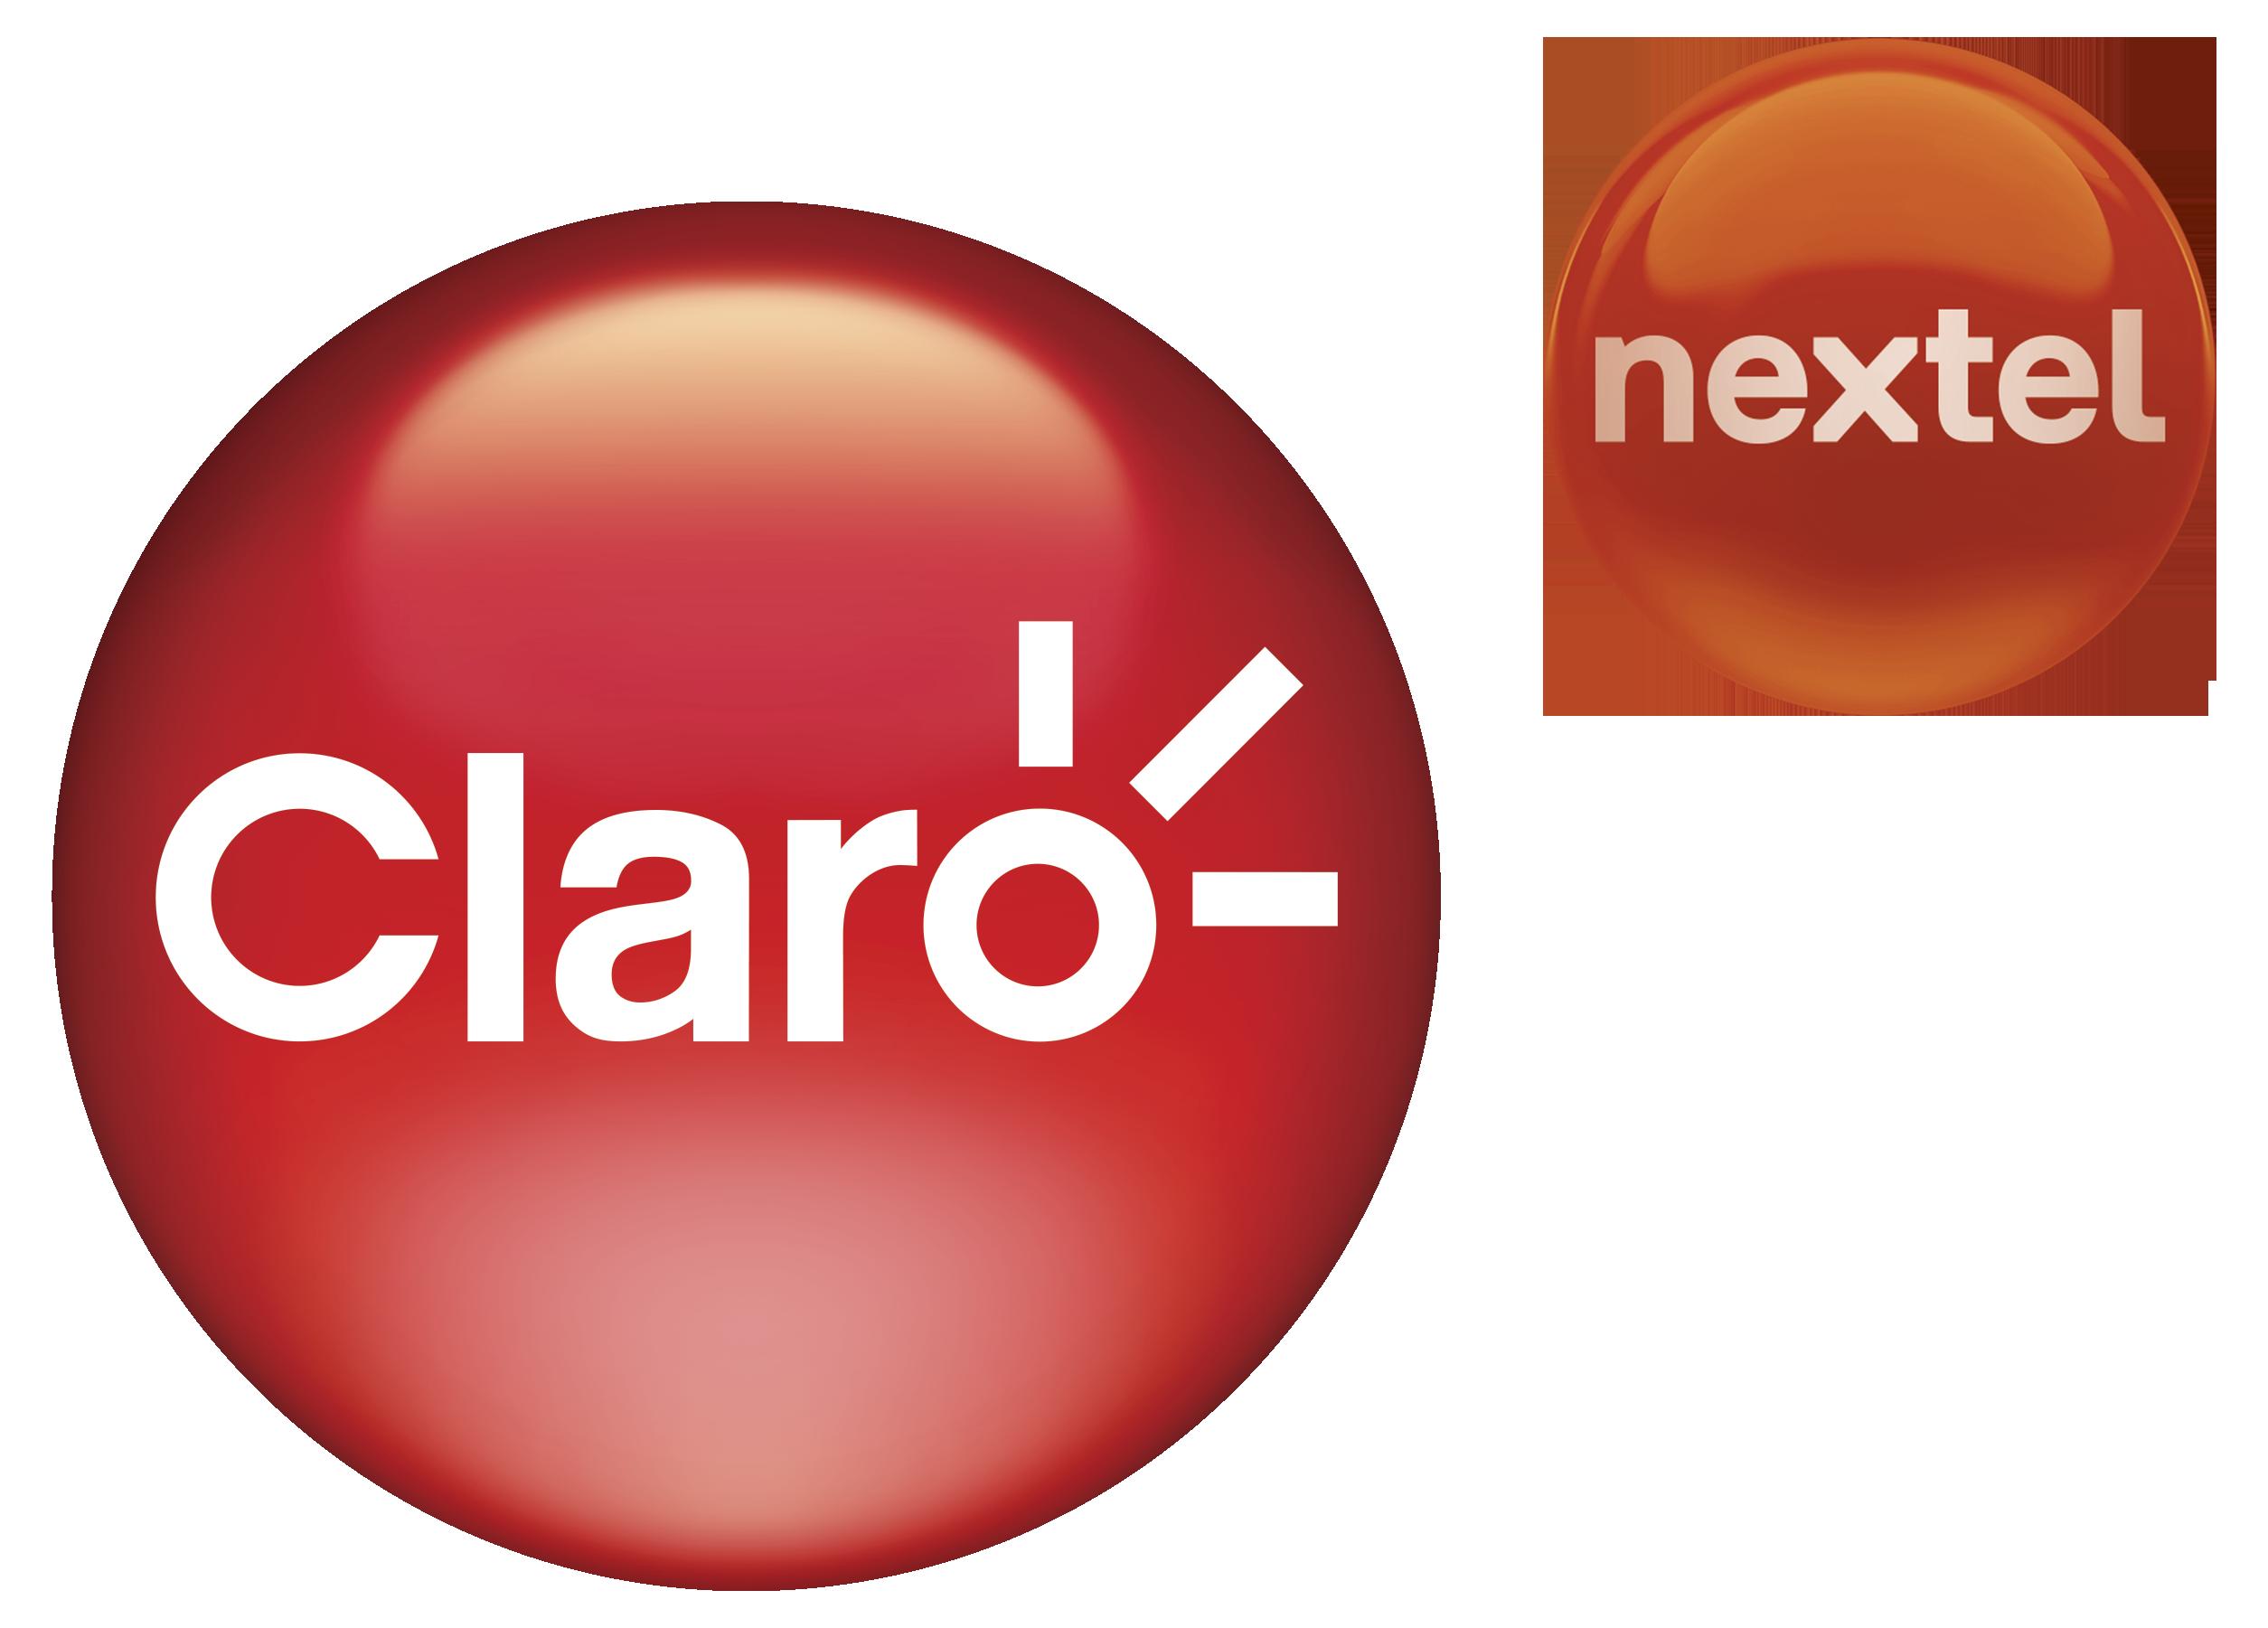 Logotipo Claro Nextel